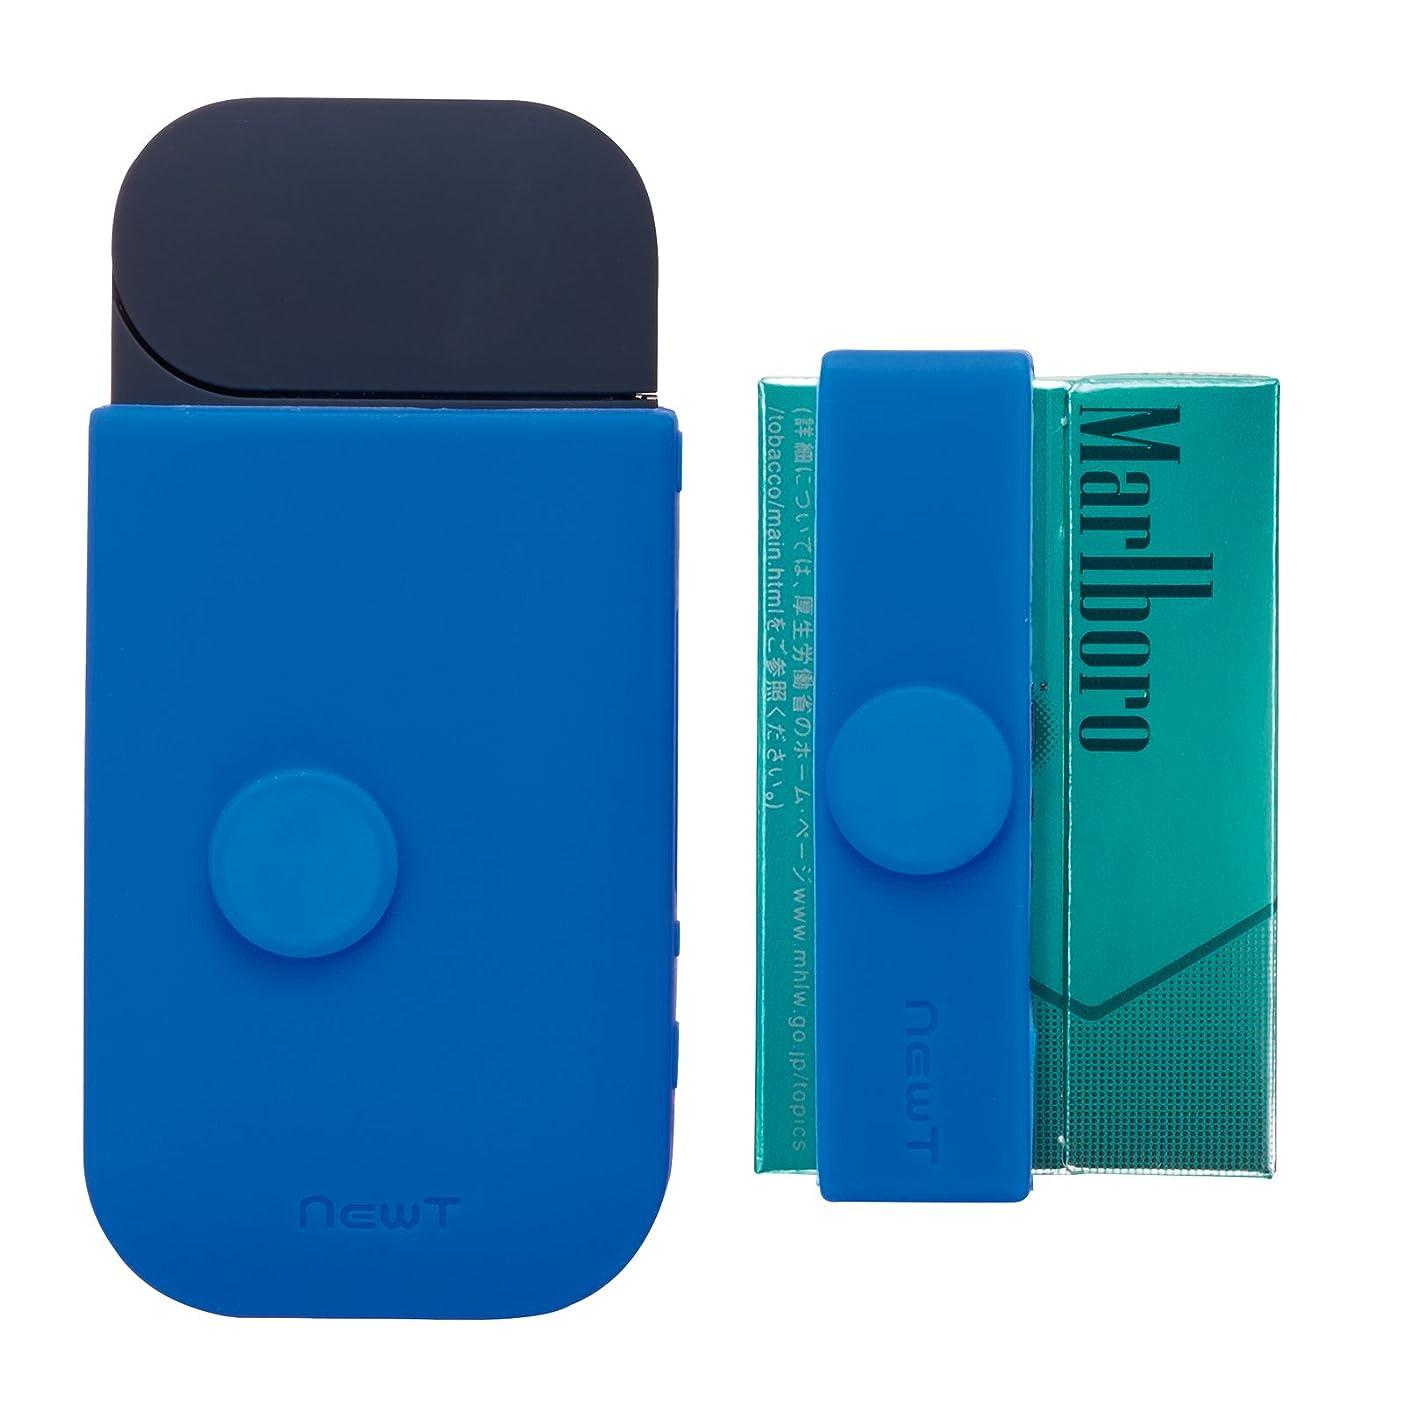 資本リネンシダサンクレスト iDress newT iQOS専用収納ケース シリコンバンド ブルー Q-NW09